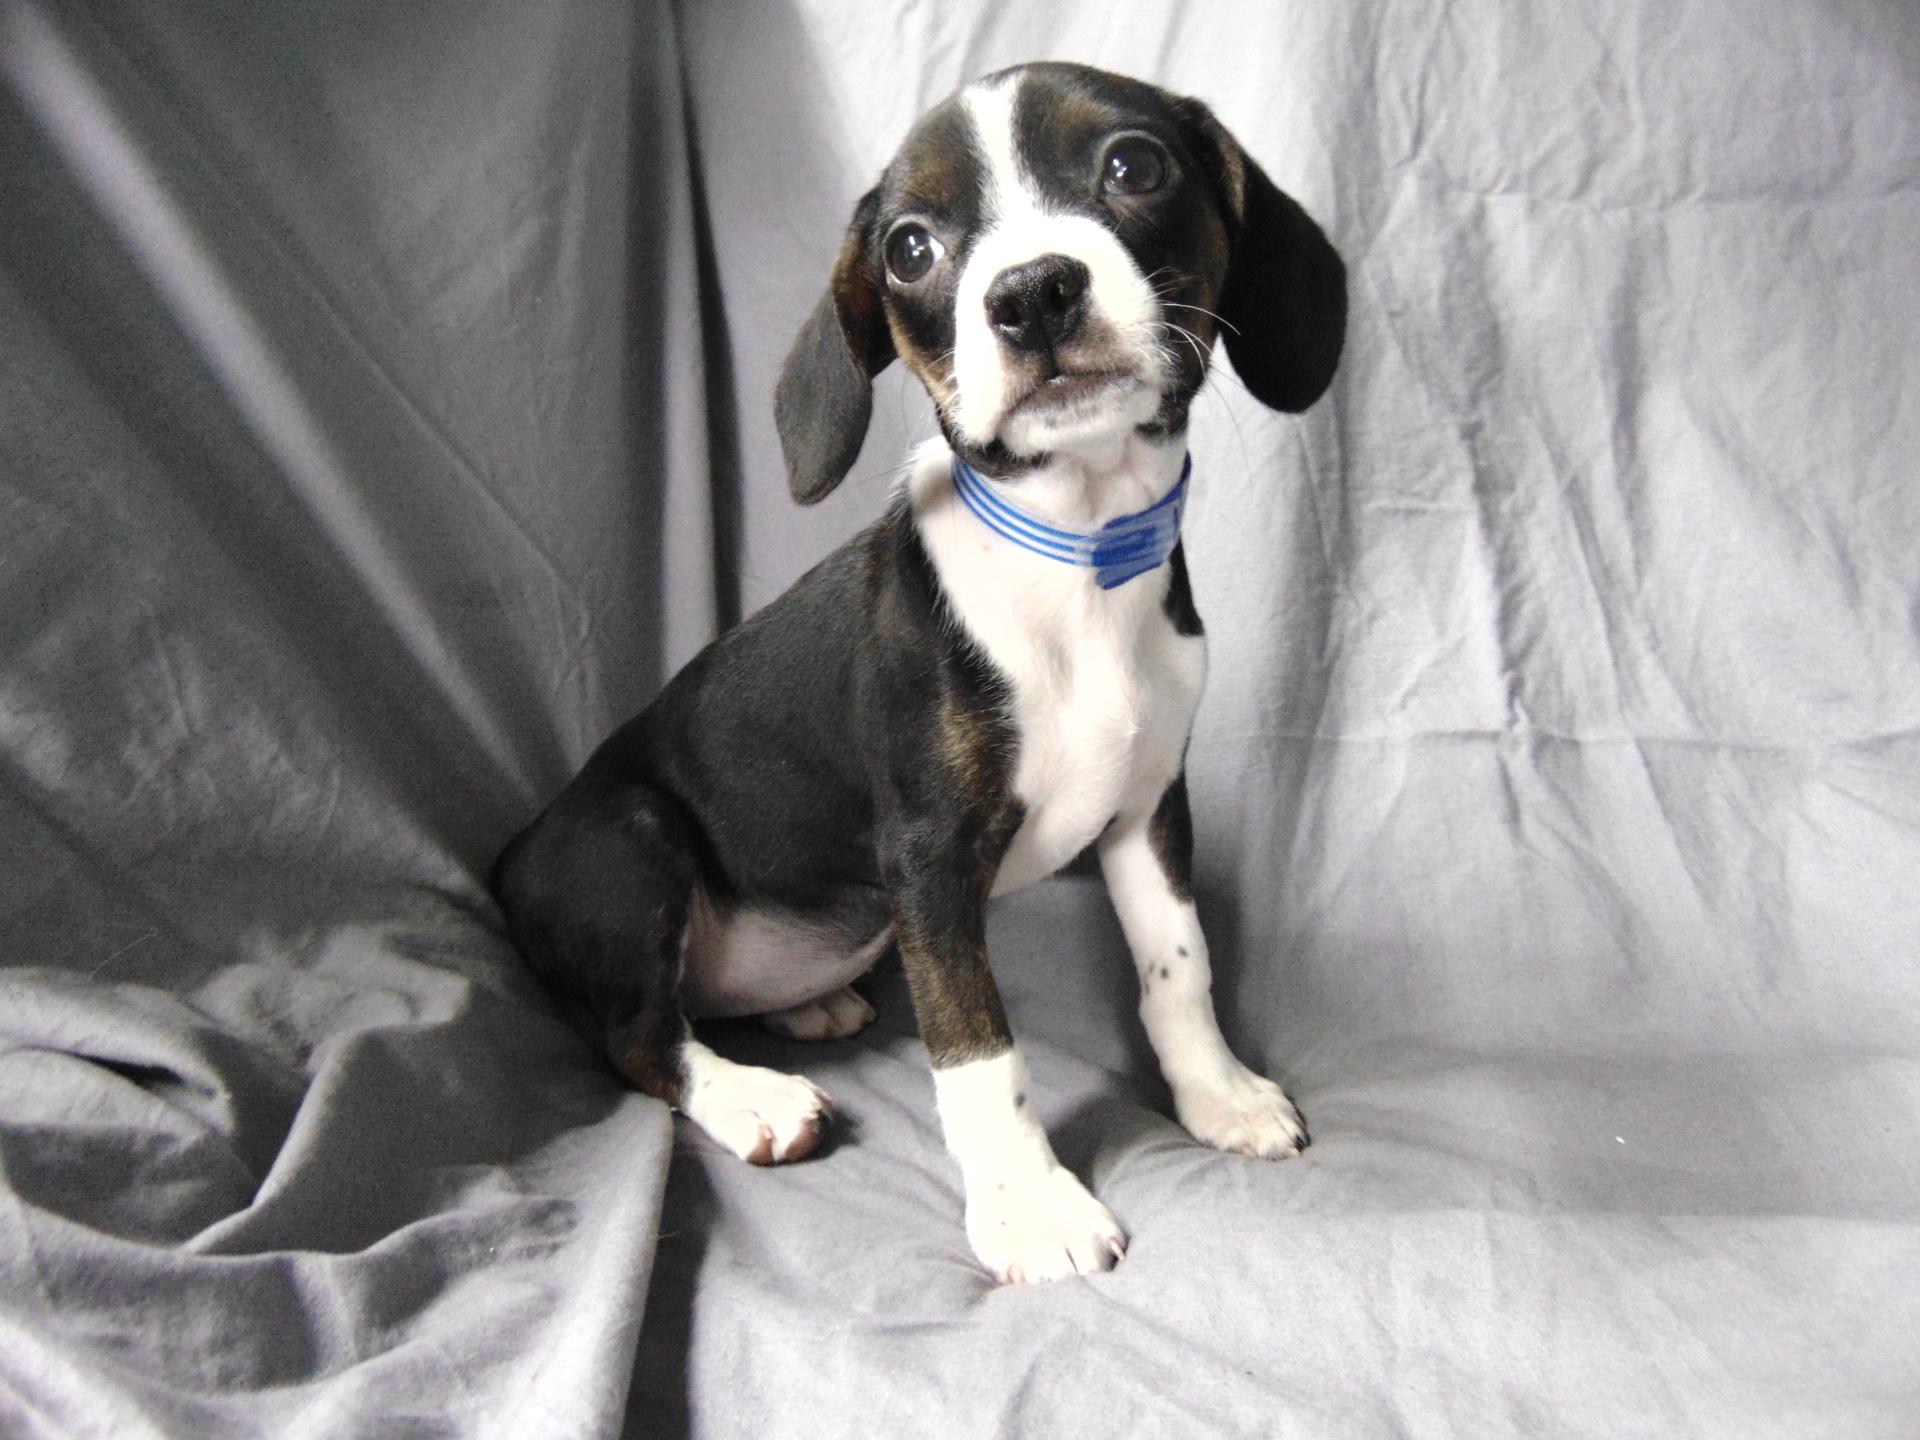 #7256 - Female Boglen Terrier (Beagle/Boston Terrier)